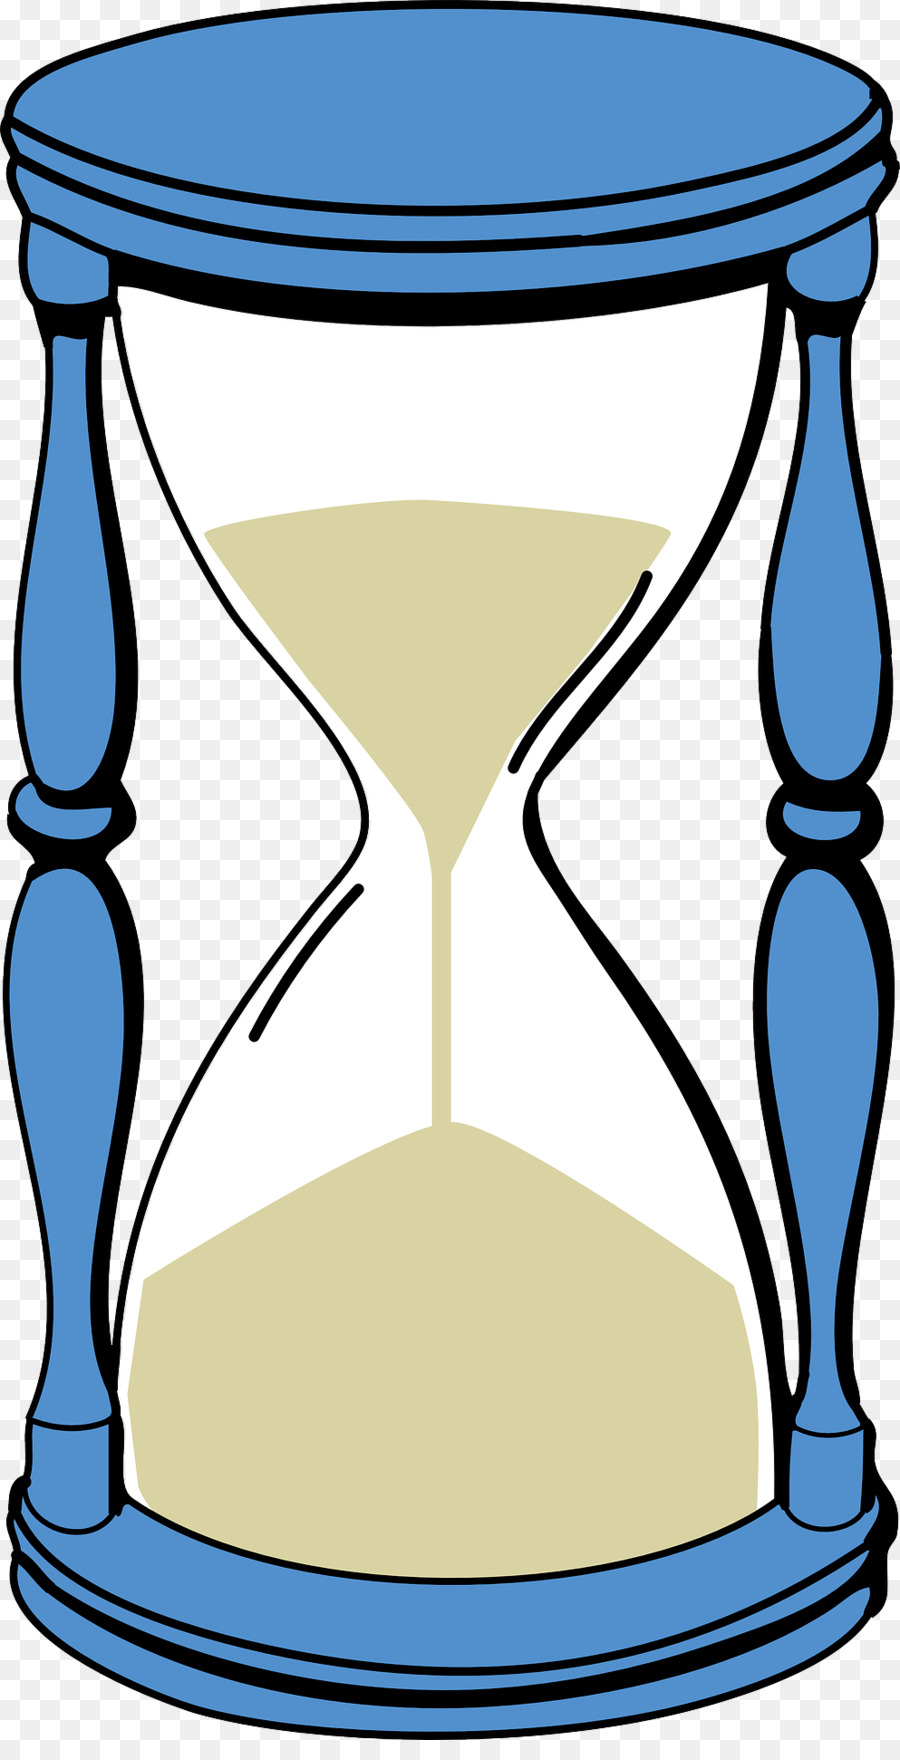 идеале песочные часы мультяшная картинка возможность